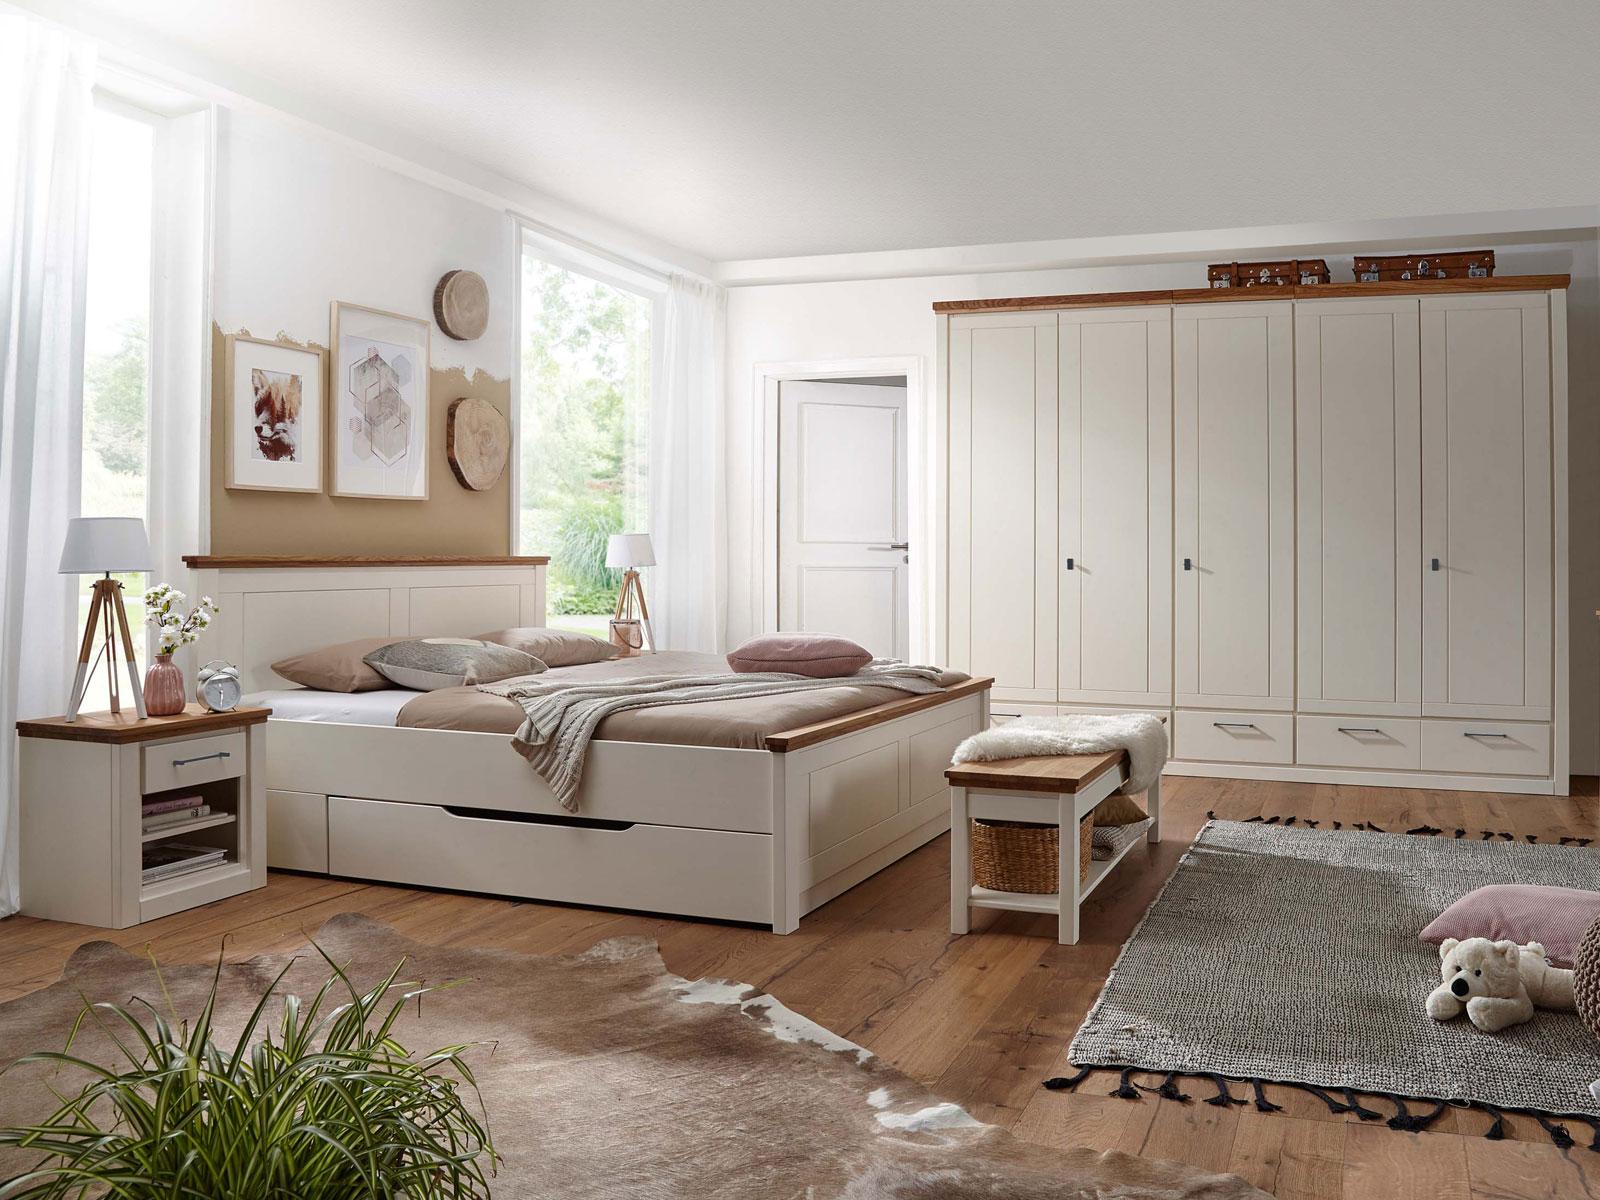 Full Size of Luxus Schlafzimmer Komplett Modern Weiss Massiv Set Provence Bett Kleiderschrank Nachtschrank Mit Lattenrost Und Matratze Stehlampe Kommode Rauch Deko Wohnzimmer Schlafzimmer Komplett Modern